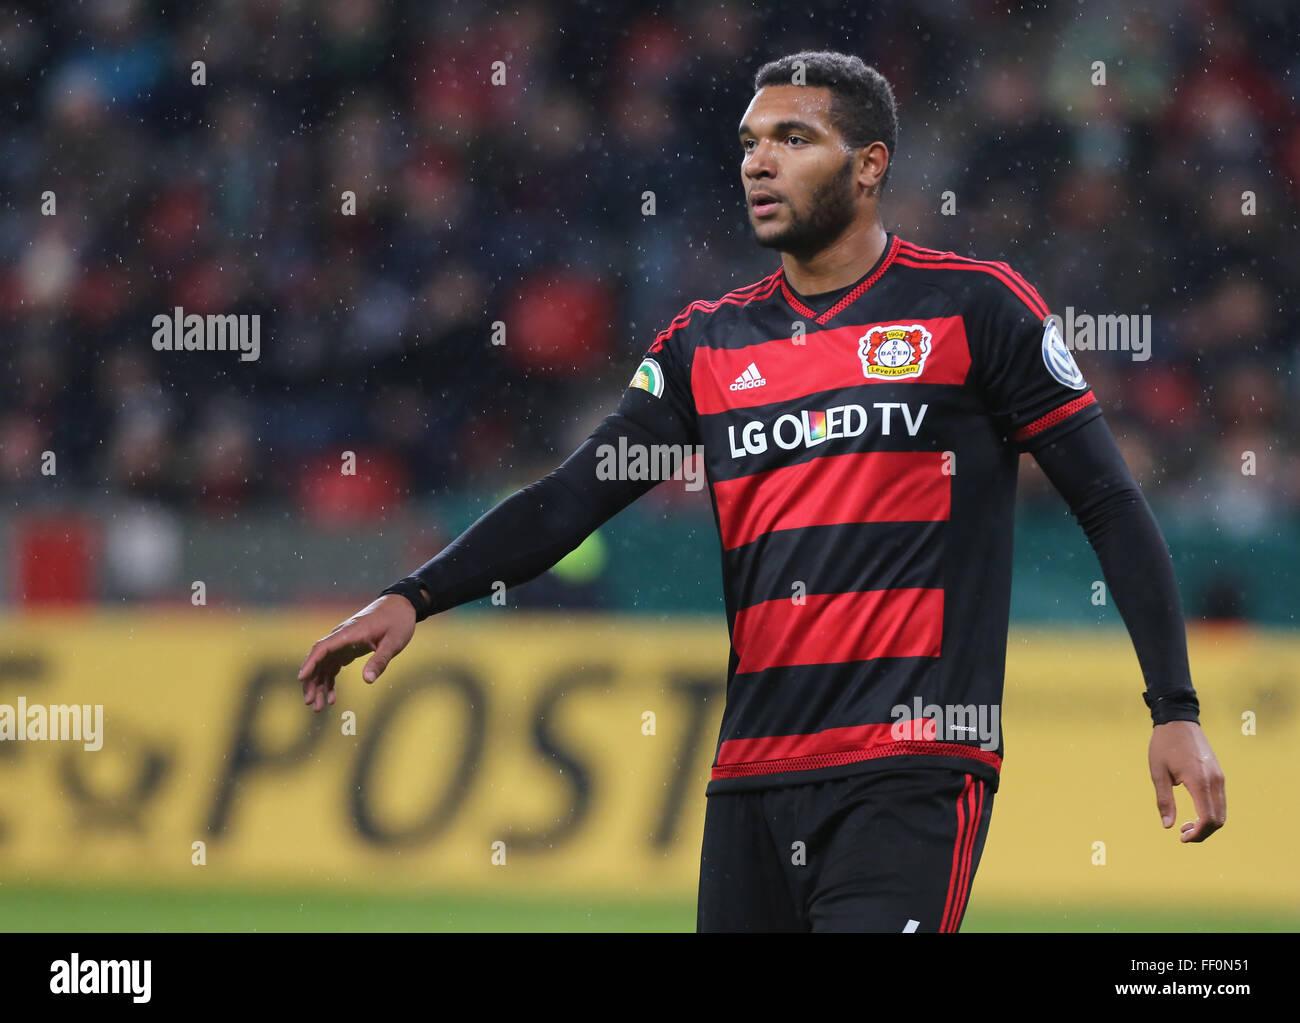 Bayer 04 Leverkusen Sv Werderremen Immagini e Fotos Stock - Alamy